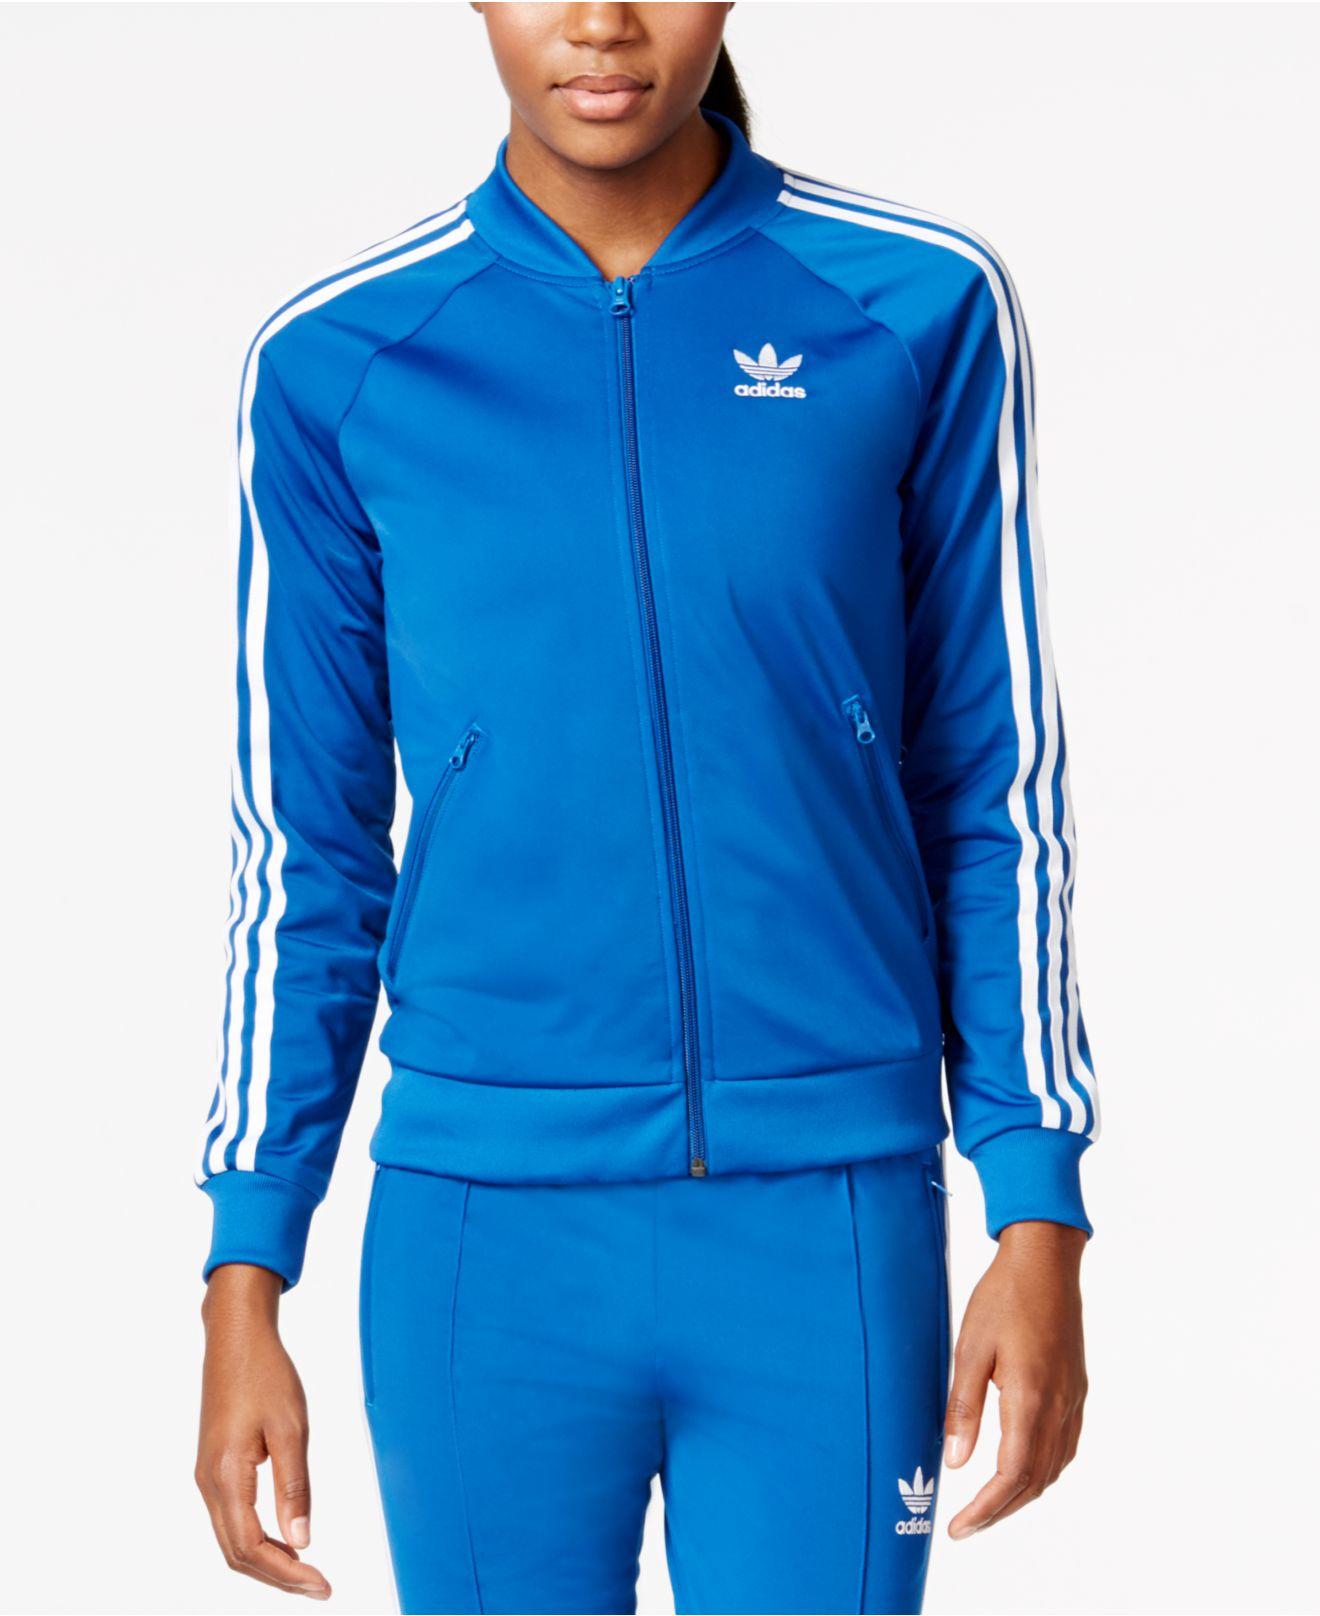 d1a990a7eccdc1 adidas Originals Originals Supergirl Track Jacket in Blue - Lyst